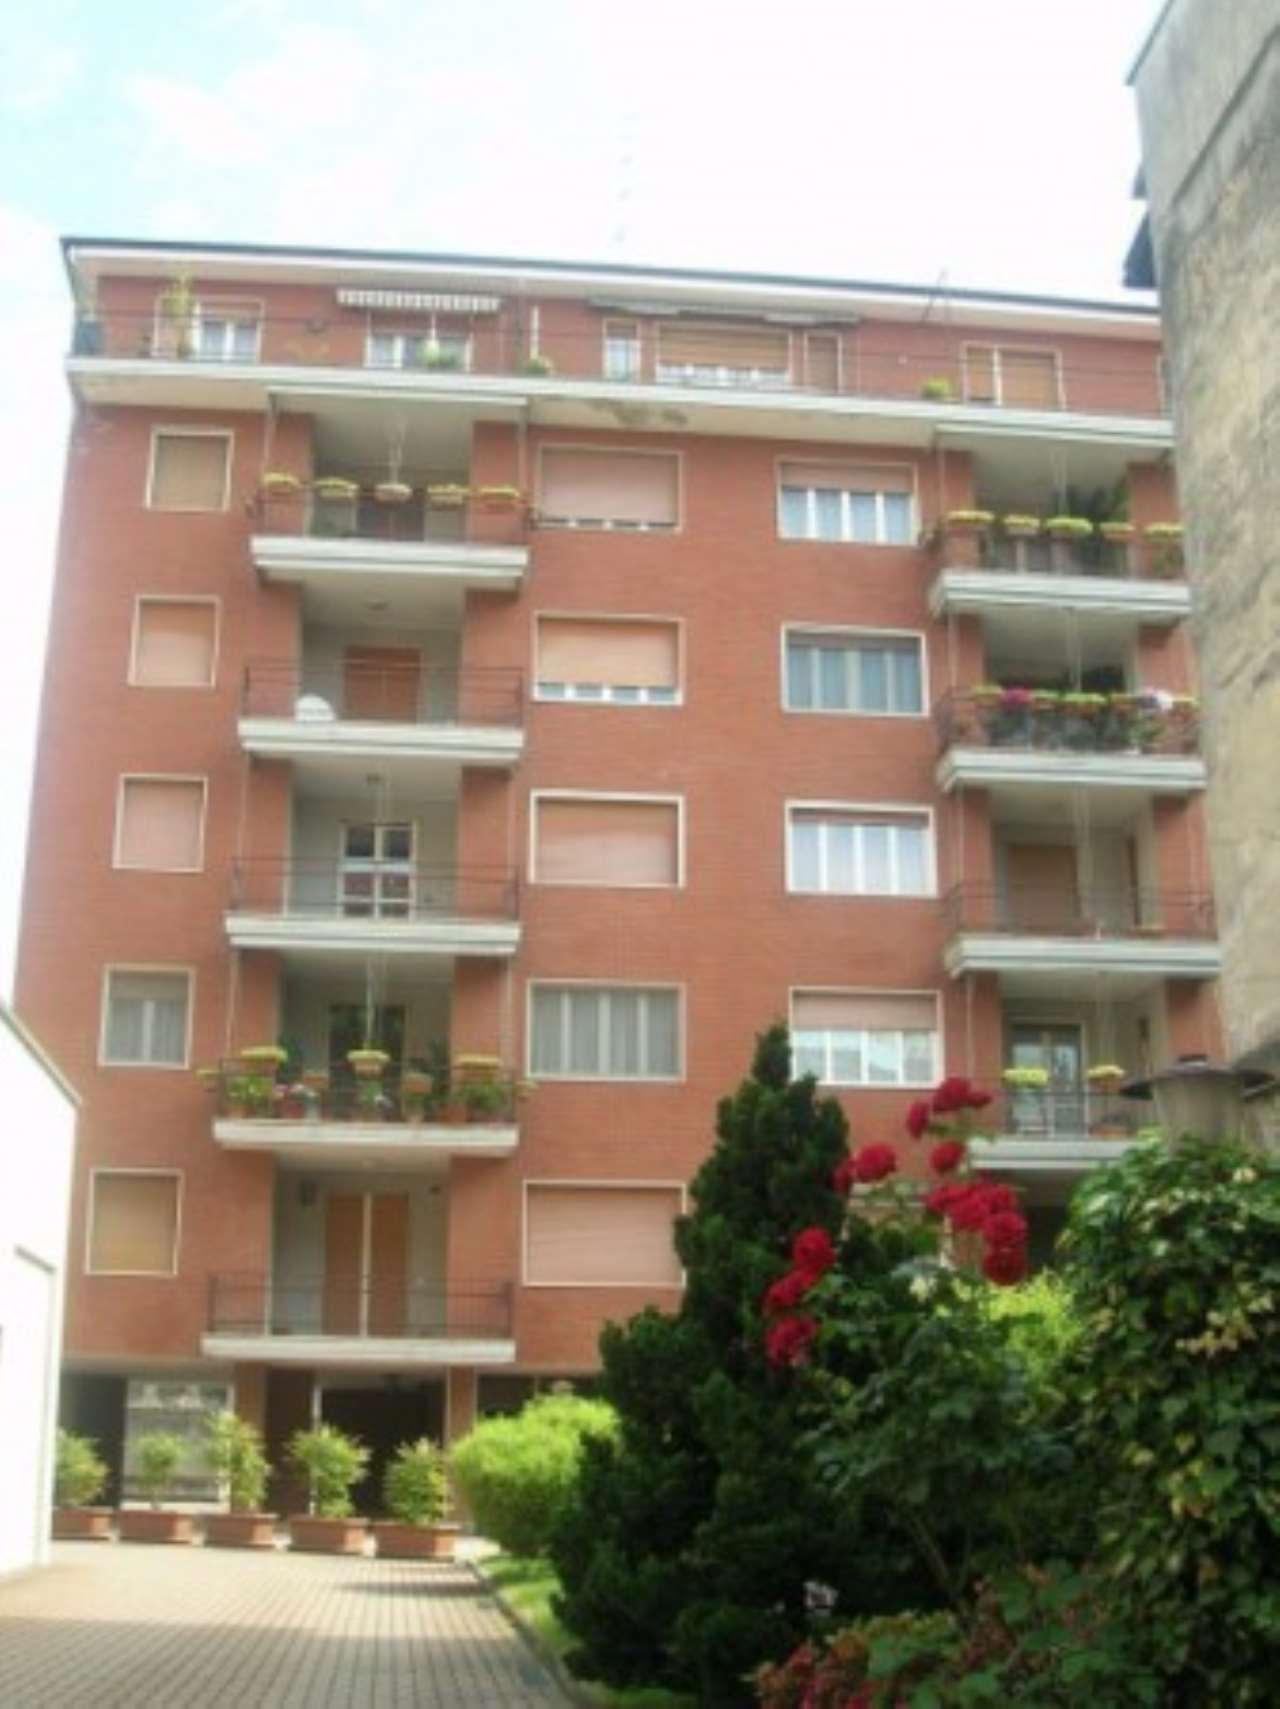 Appartamento in affitto a Novara, 1 locali, prezzo € 290 | Cambio Casa.it